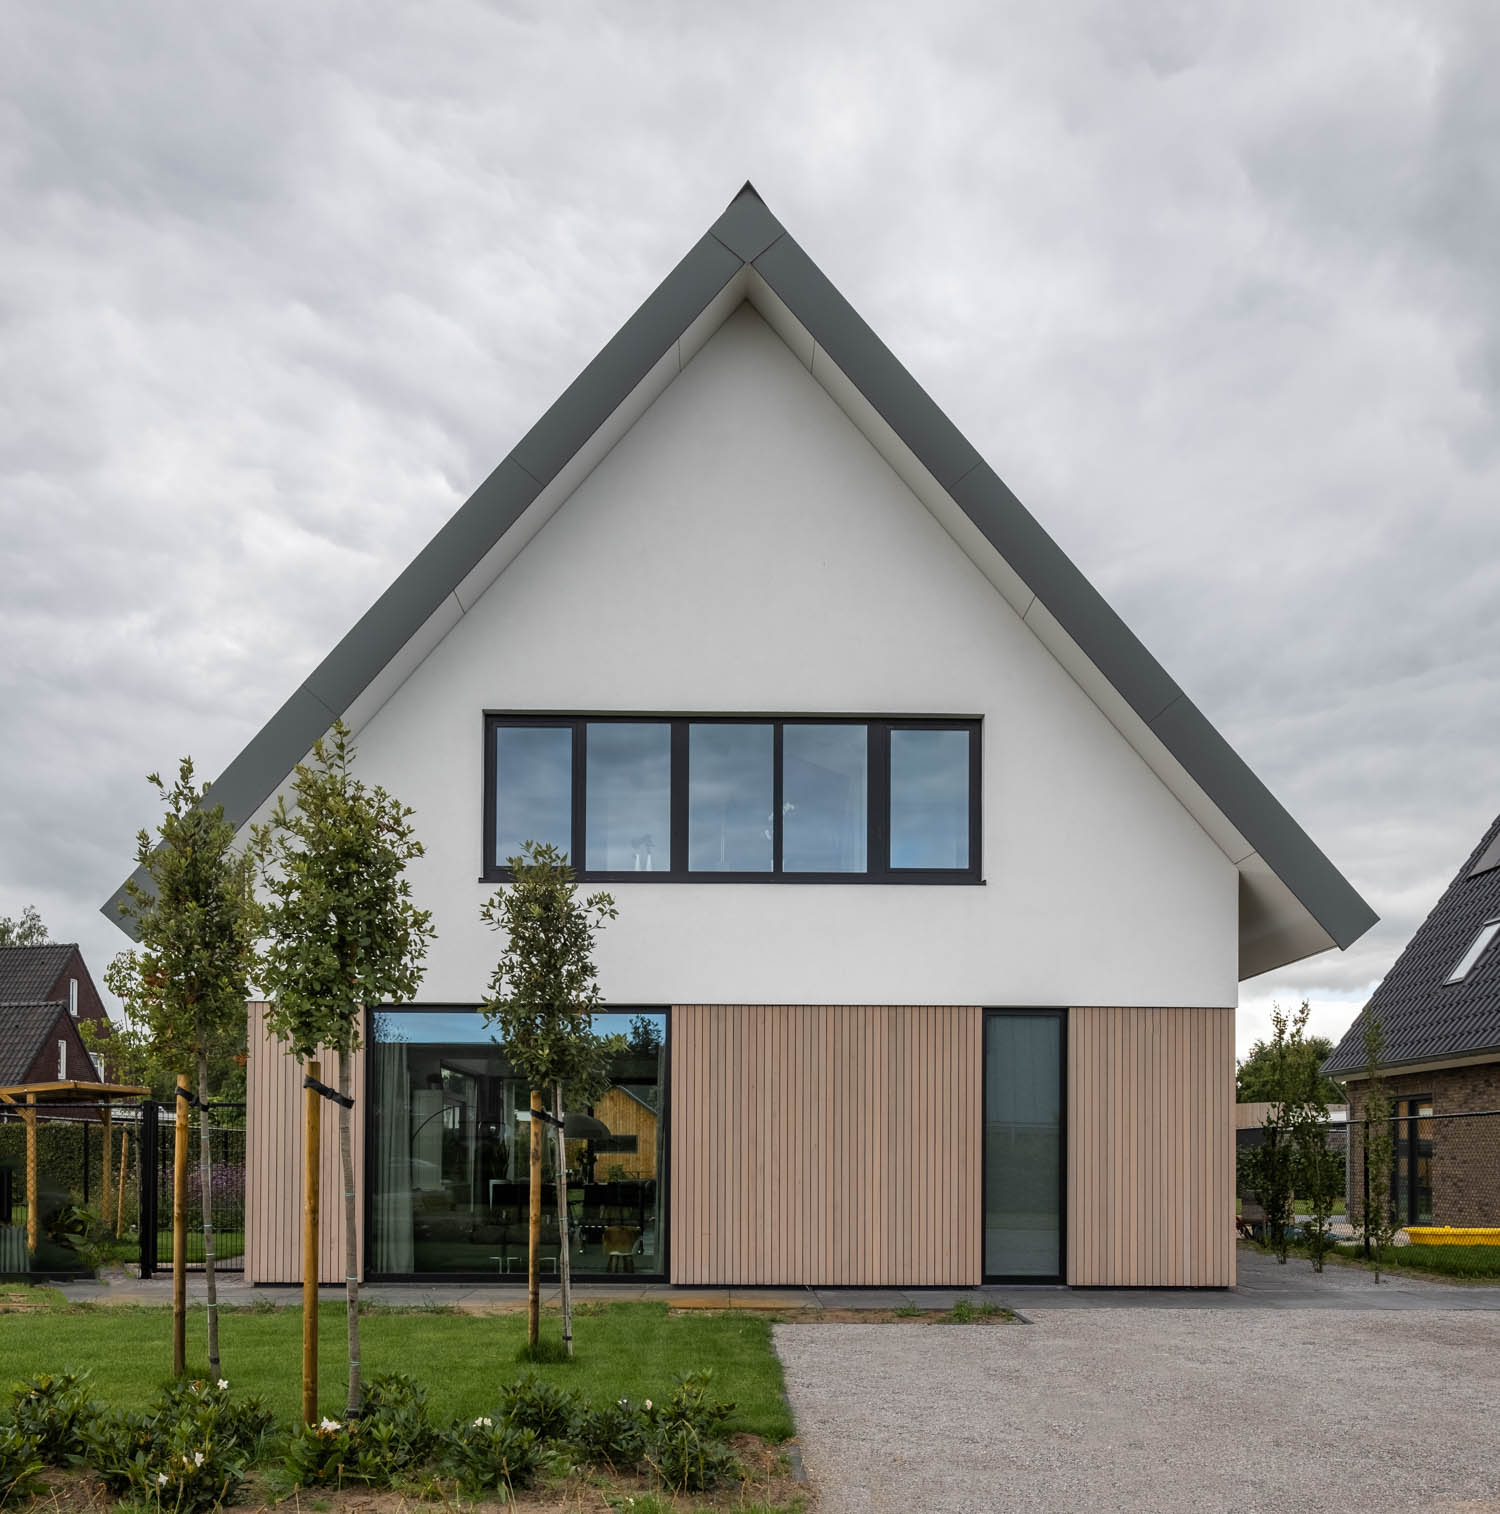 van-os-architecten-breda-nieuwbouw-woning-in-gevelstucwerk-en-stalen-dak-hoge-gouw-teteringen-voorgevel-met-houten-gevelbetimmering